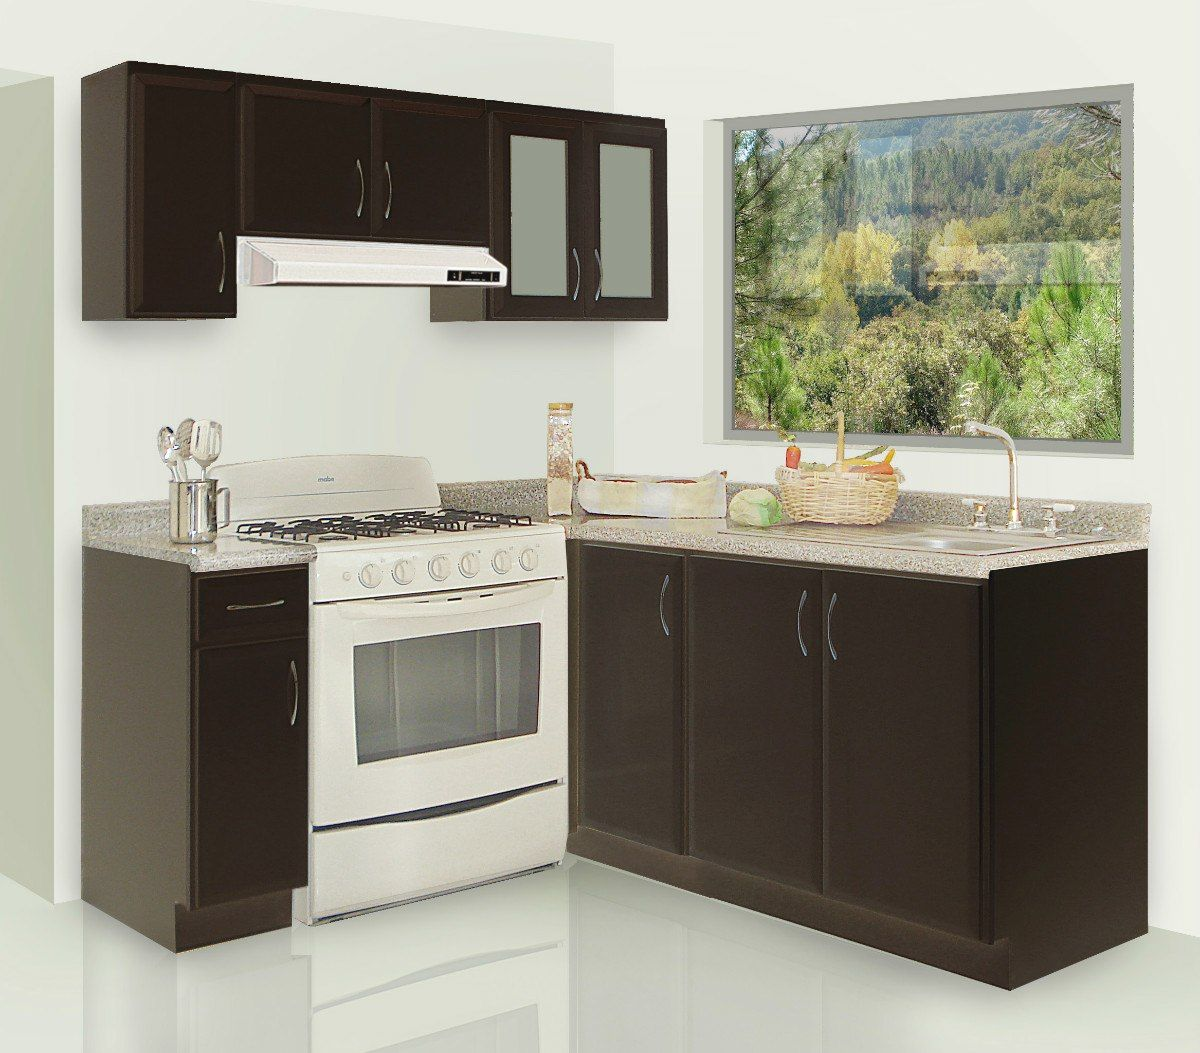 Imagenes de cocinas integrales modernas cocinas for Cocinas integrales modernas